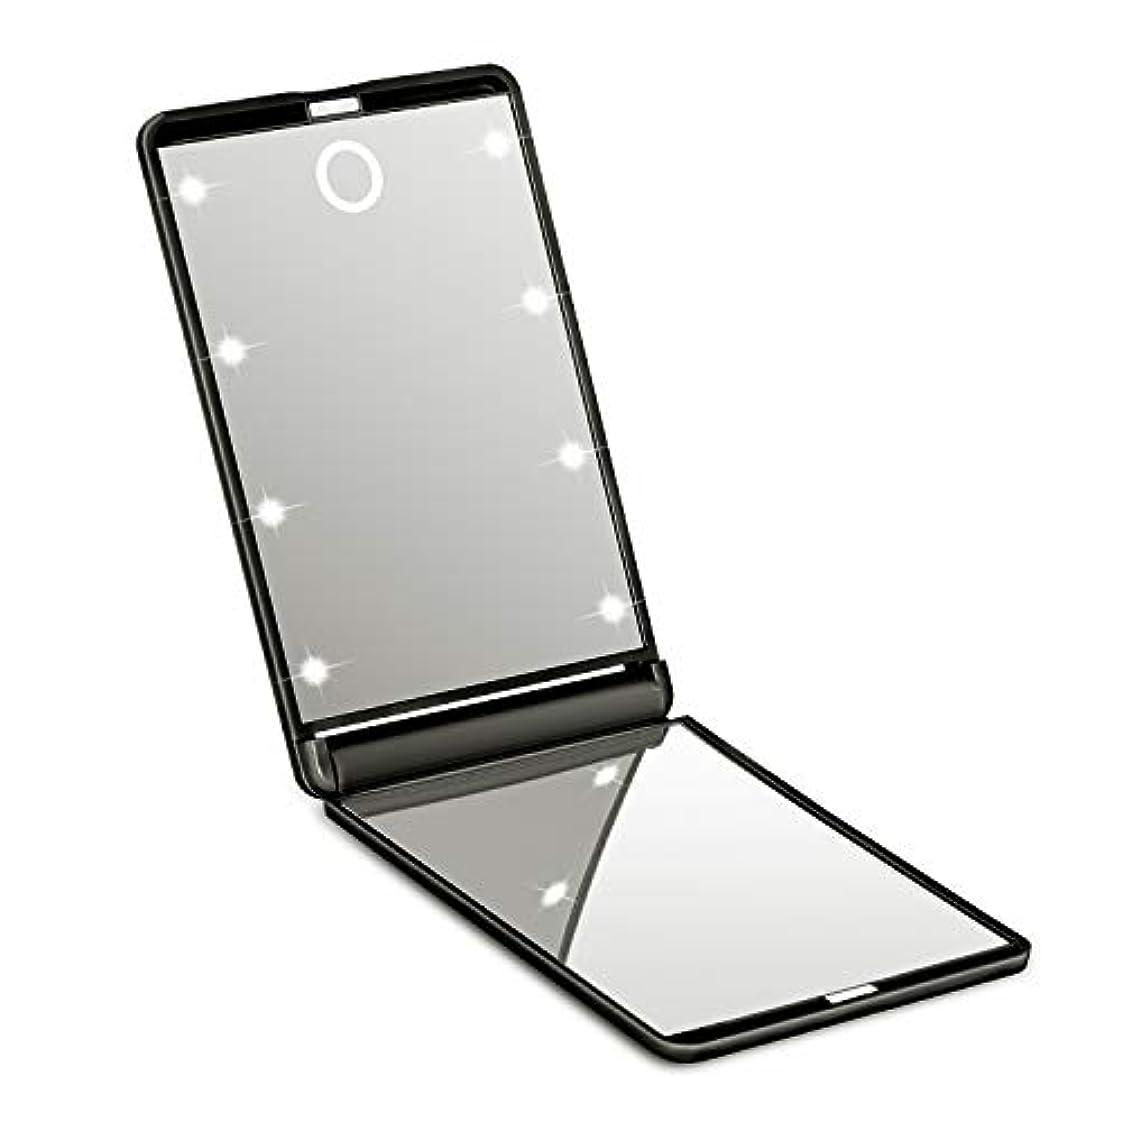 古くなった第二に設計図【2019新版】SOTCAR 化粧鏡 ledミラー 8灯 折りたたみ式 コンパクト 化粧ミラー 女優ミラー 拡大鏡付き手鏡 携帯型 持ち運び便利 可能なスタンドミラー2倍拡大鏡付 明るさ調節可能 (ブラック)